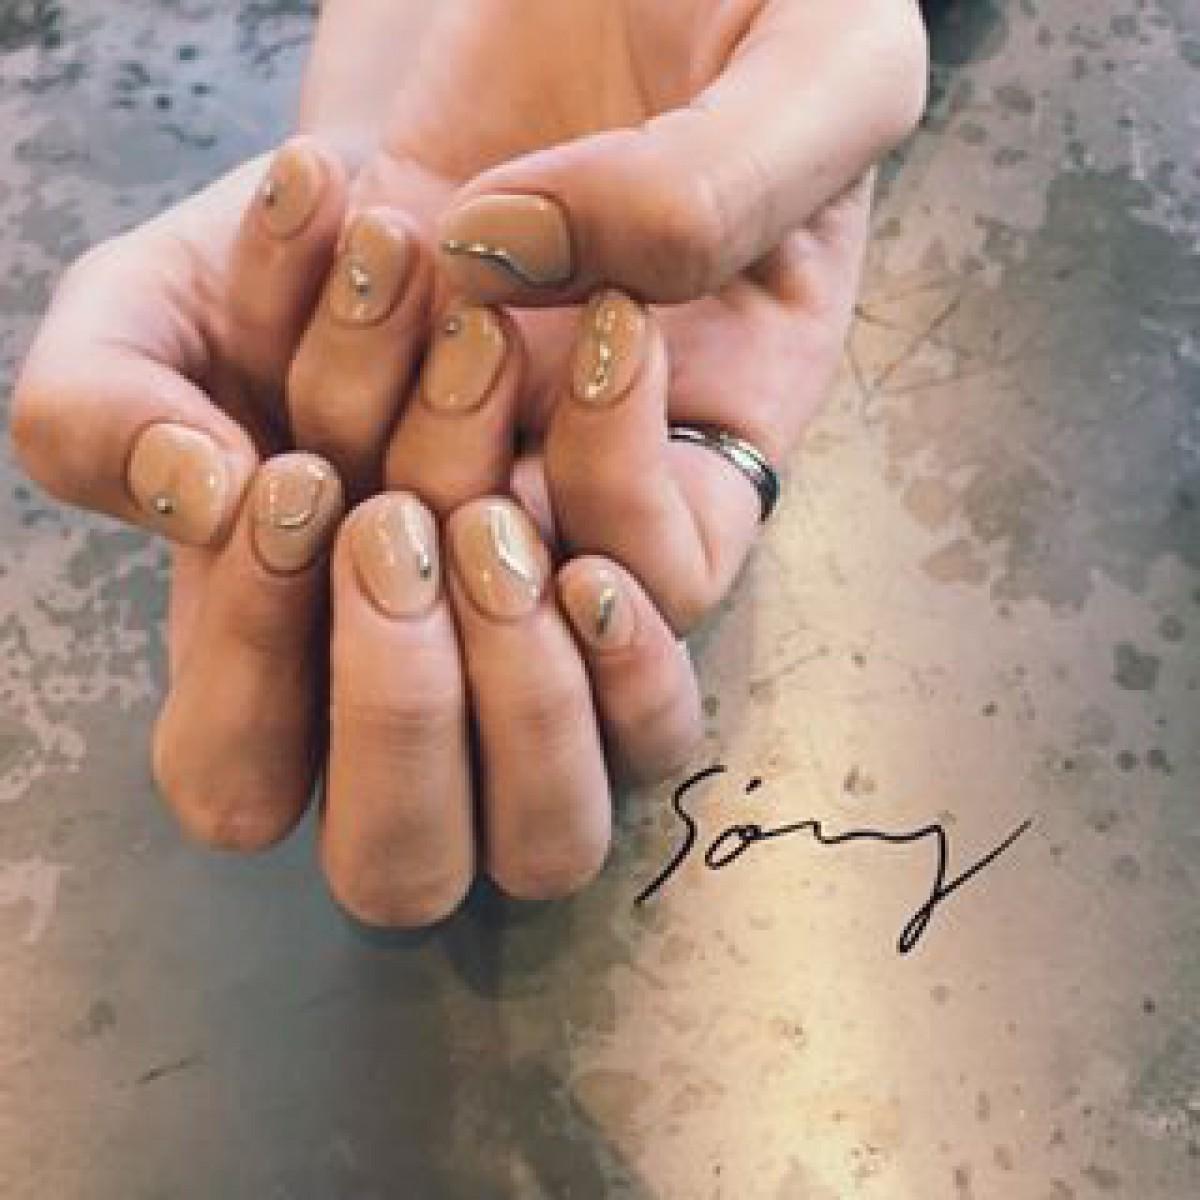 シンプル、plus 1匙の銀。#シルバーネイルで叶えるオトナっぽ指先。